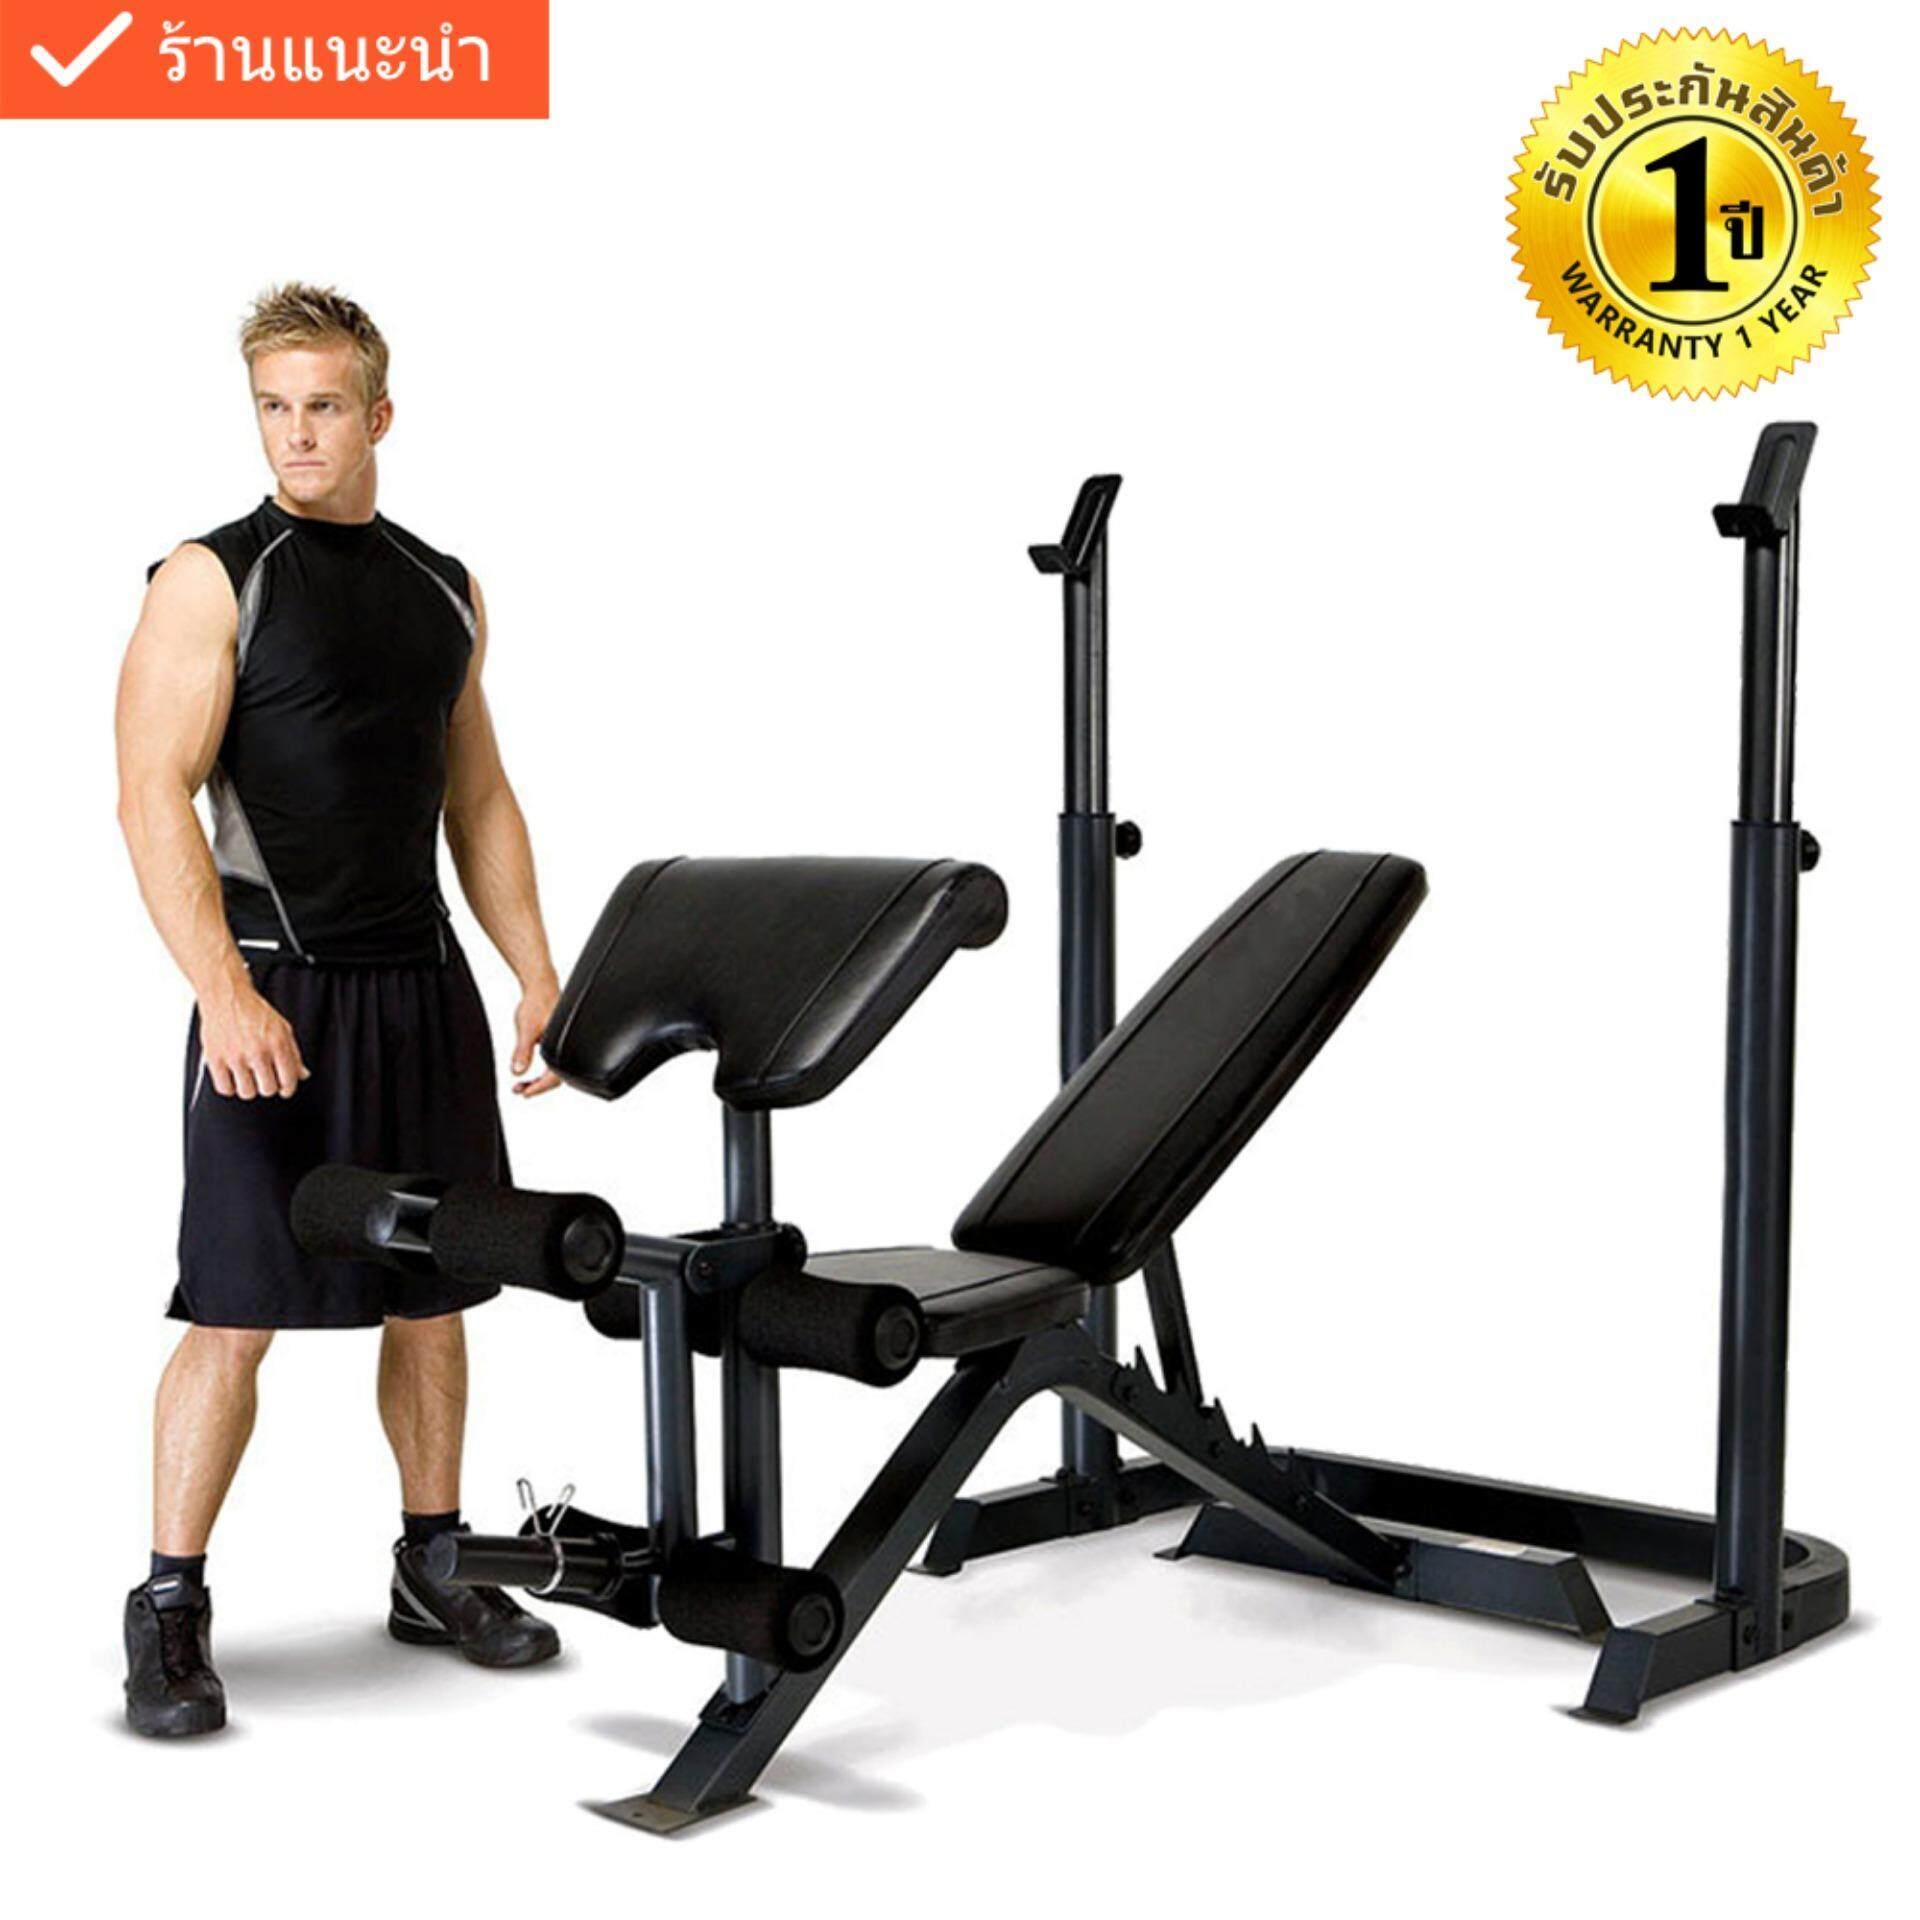 ราคา Power Reform เก้าอี้บาร์เบล เก้าอี้ดัมเบล เก้าอี้ปรับระดับ พร้อม แร็ควางบาร์เบล Adjustable Weight Bench And Barbell Squat Rack รุ่น Hero สีดำ Power Reform เป็นต้นฉบับ